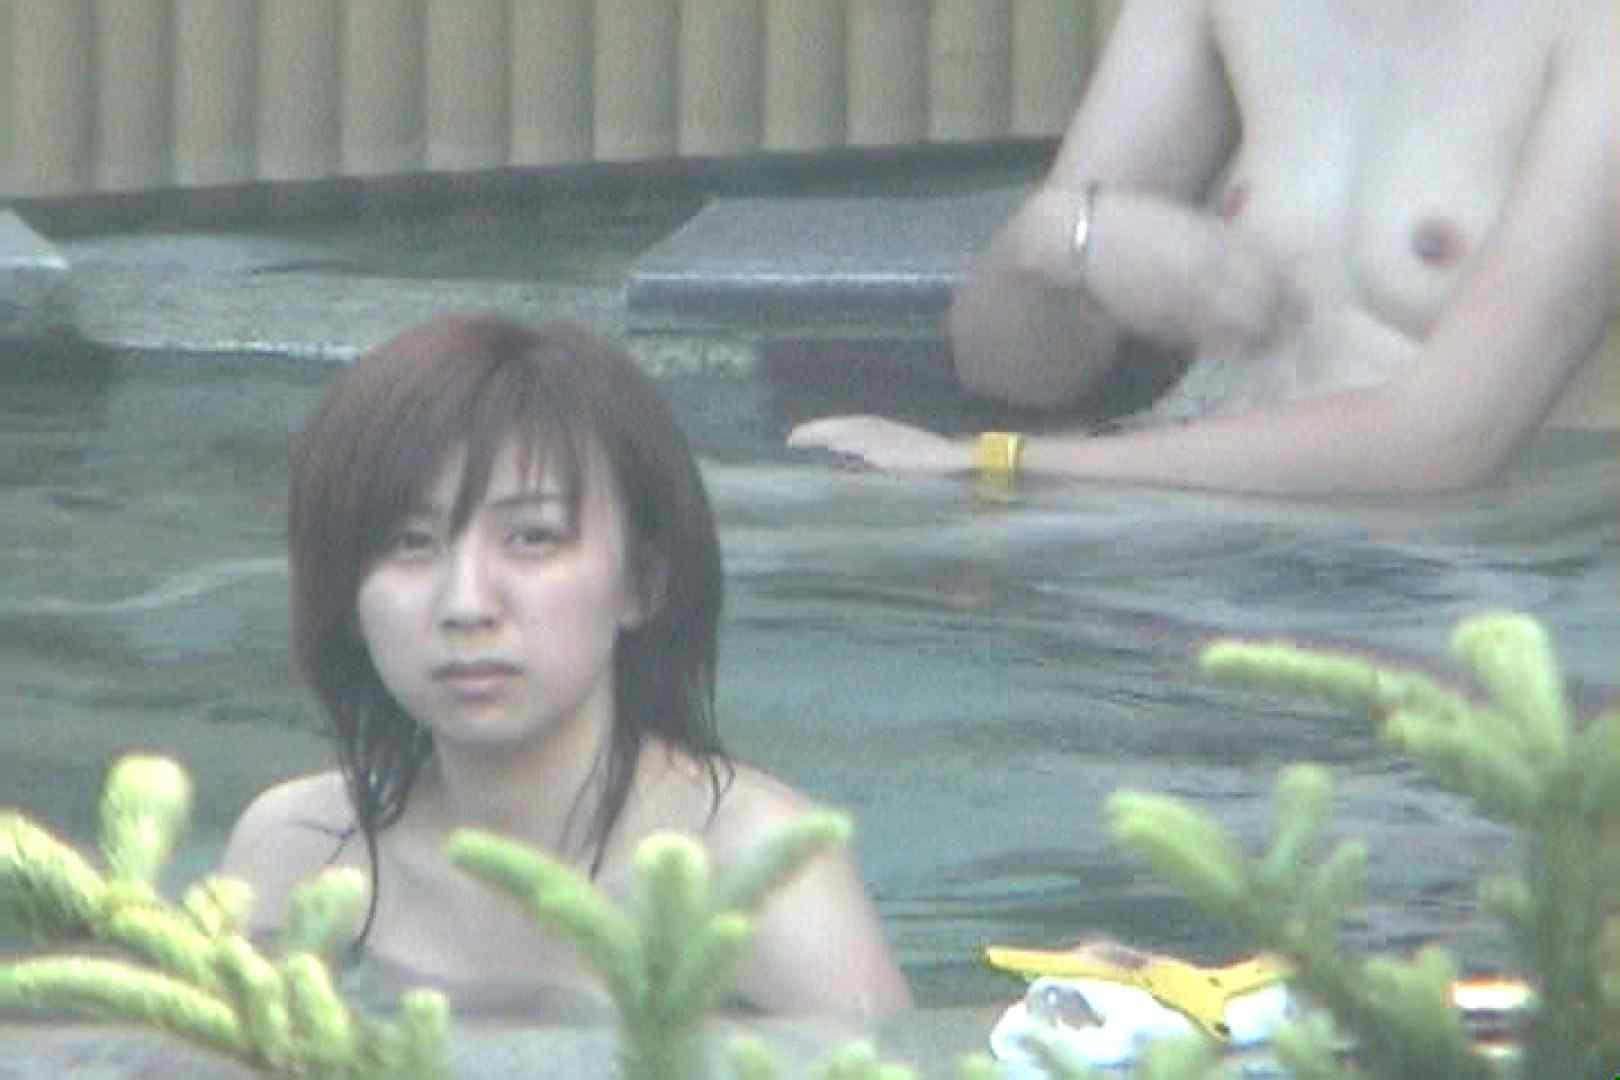 Aquaな露天風呂Vol.77【VIP限定】 盗撮  107画像 99